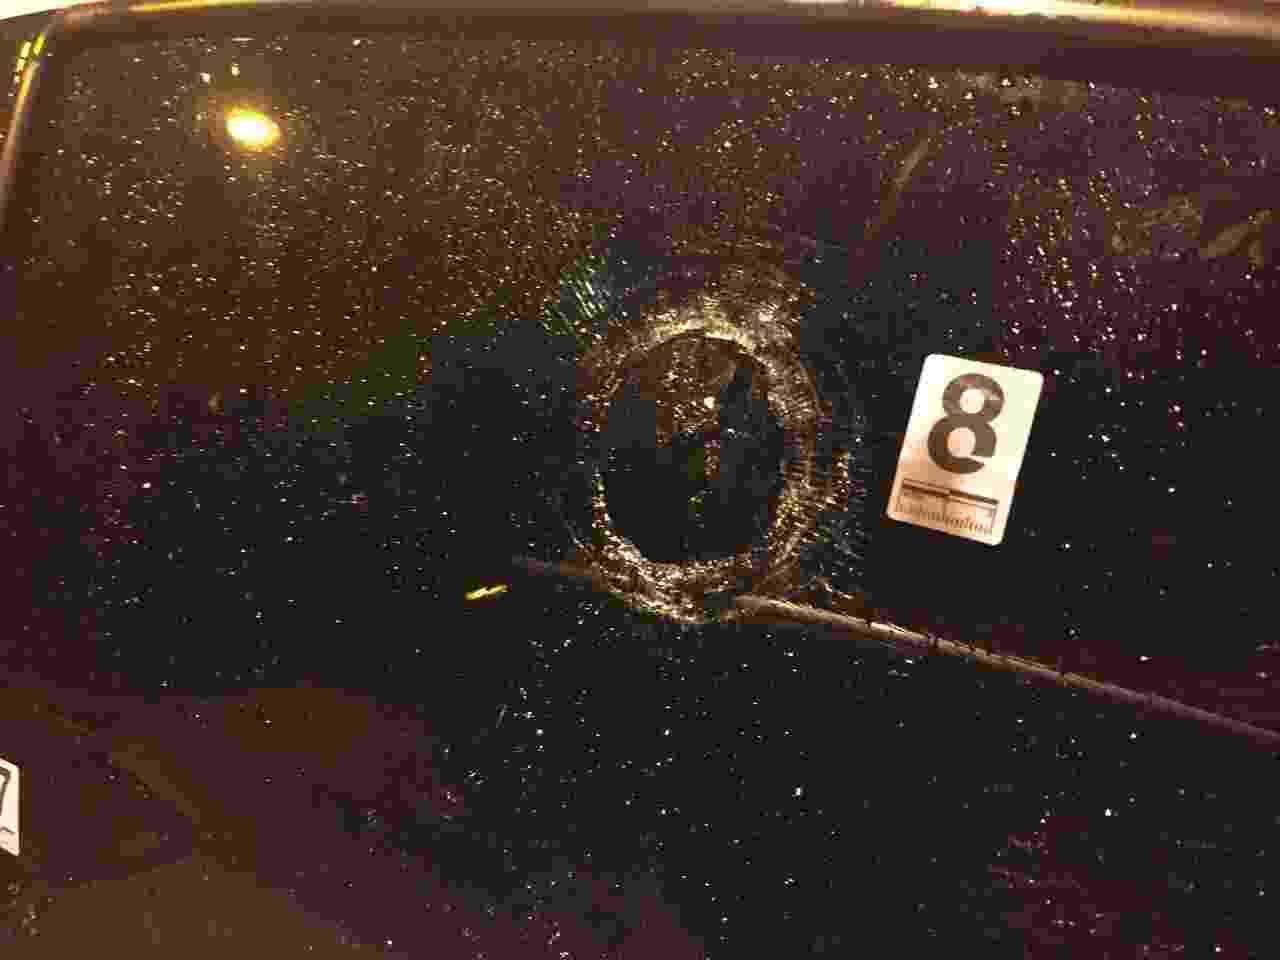 15.mar.2018 - Uma das oito marcas de tiros identificadas pela perícia no carro em que estava a vereadora Marielle Franco (PSOL) quando foi assassinada, nesta quarta (14), no Rio - Luis Kawaguti/UOL